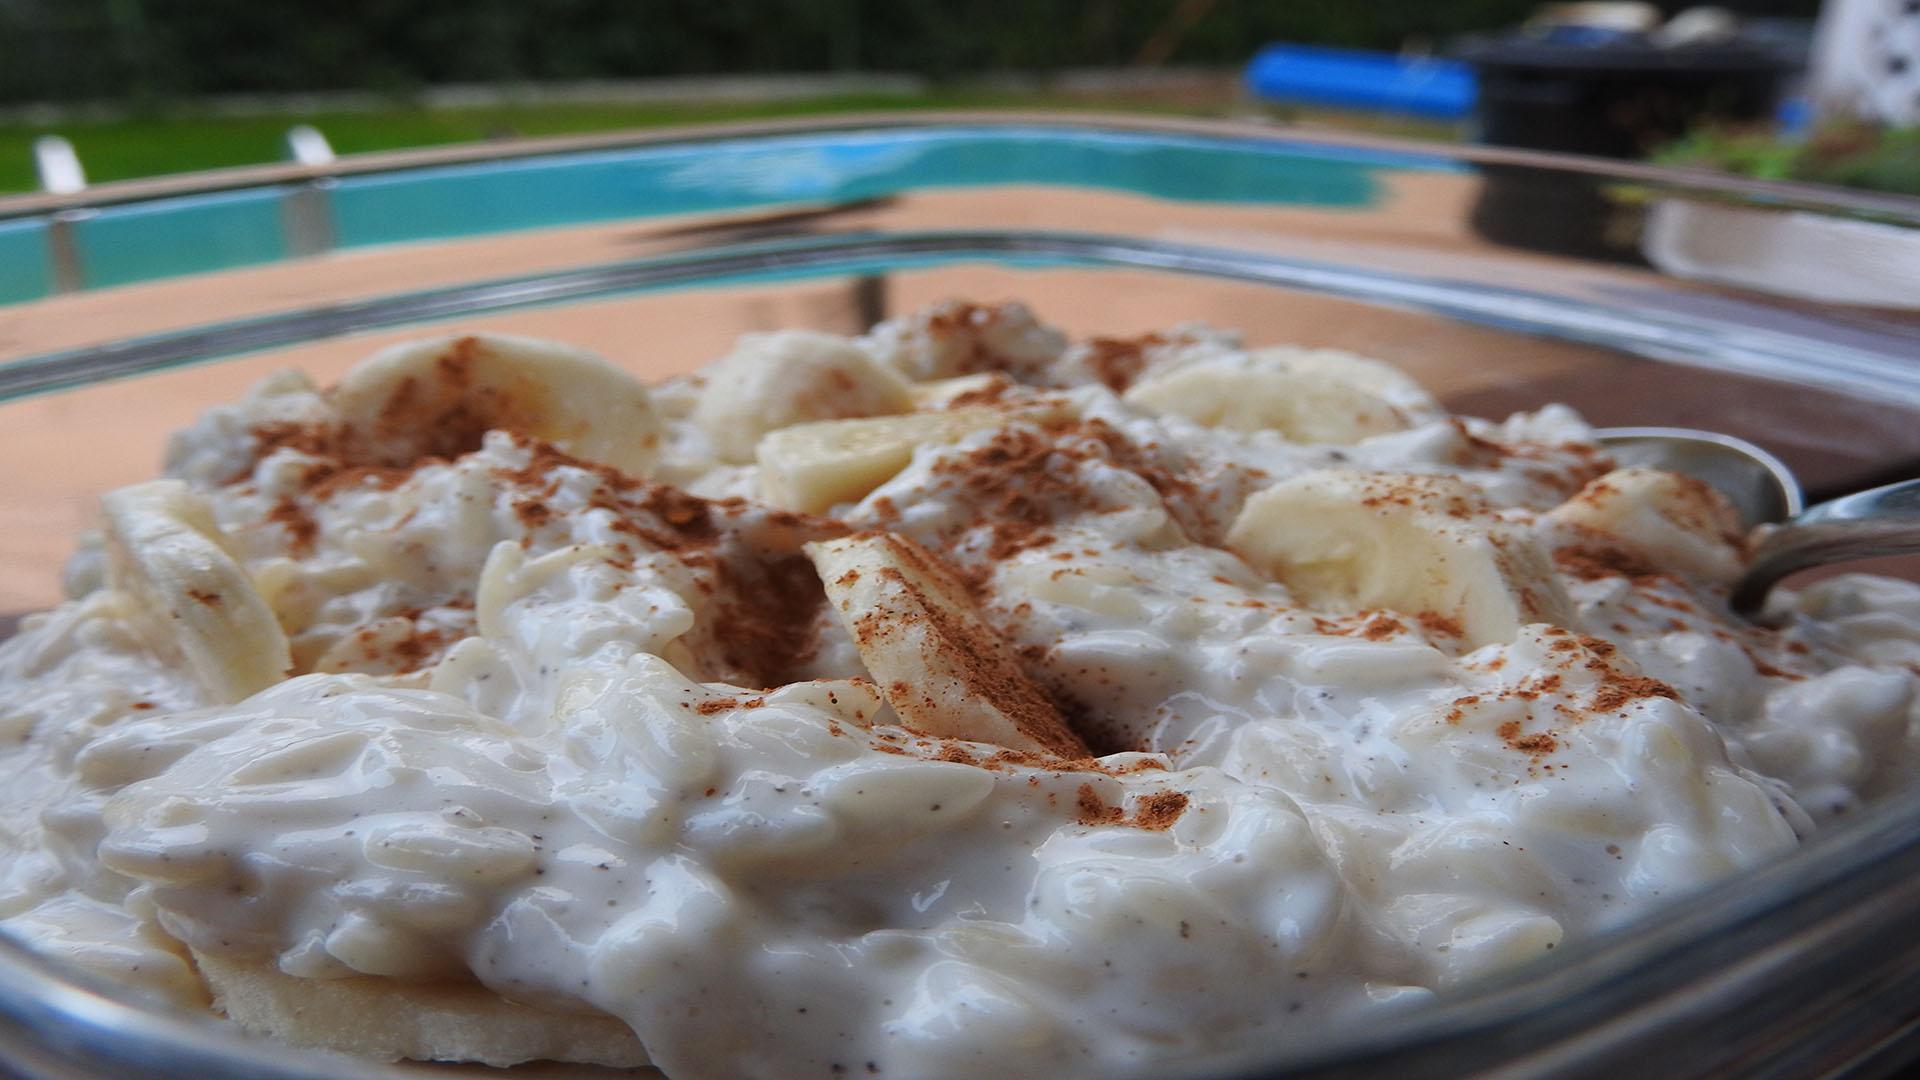 Milchreis mit Proteinpulver und Magerquark auf Kochen-verstehen.de